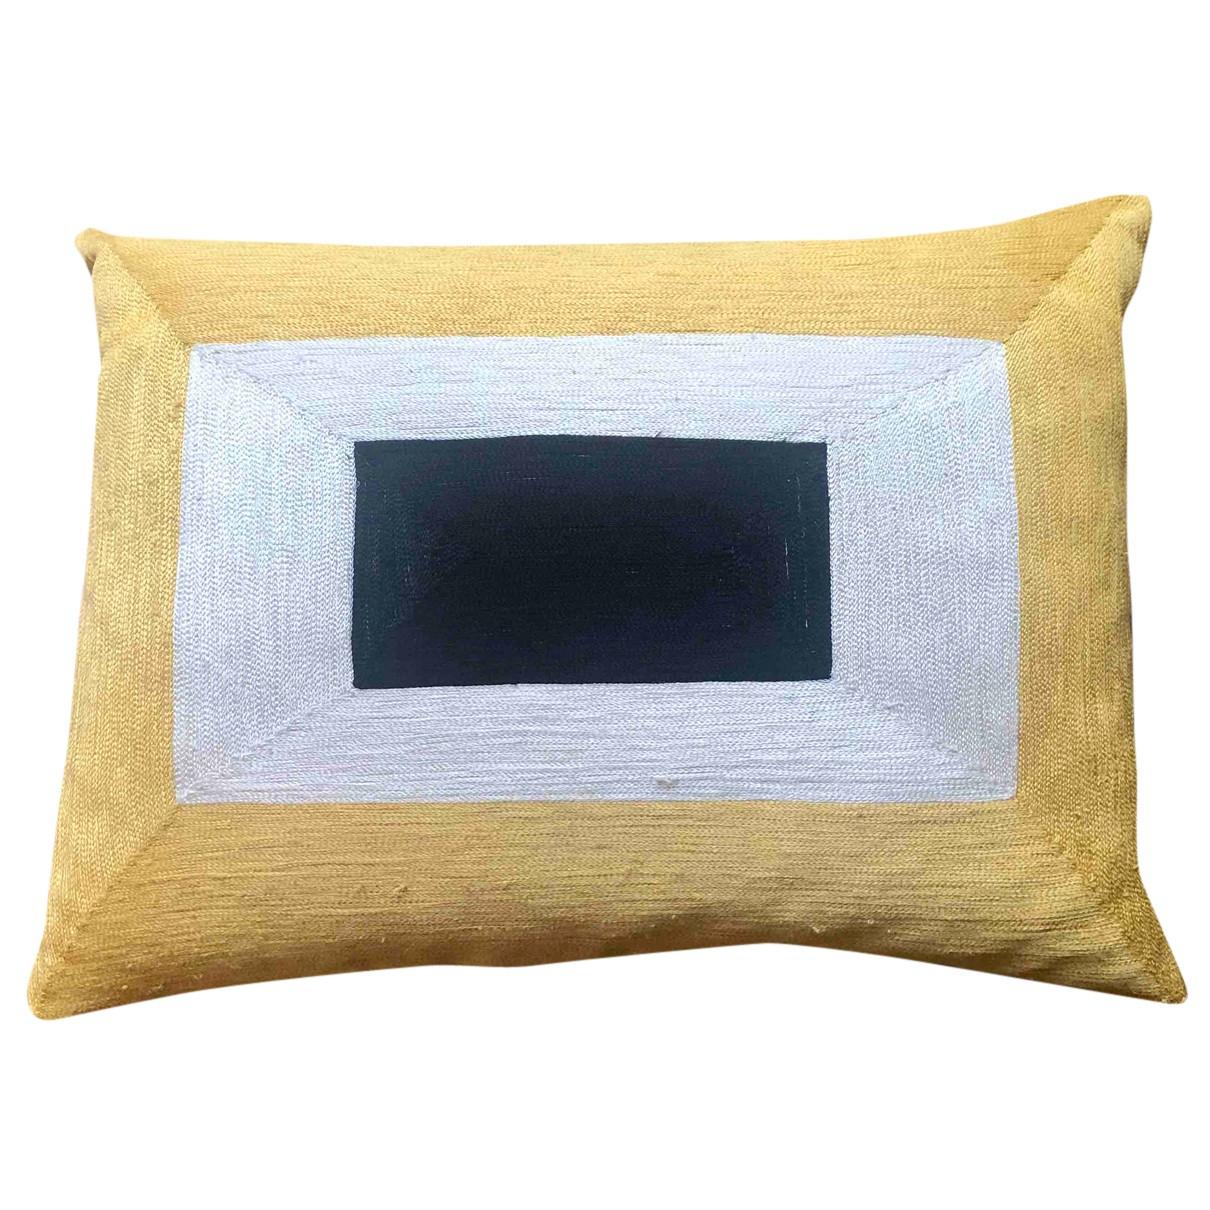 Maison Sarah Lavoine - Objets & Deco   pour lifestyle en lin - jaune